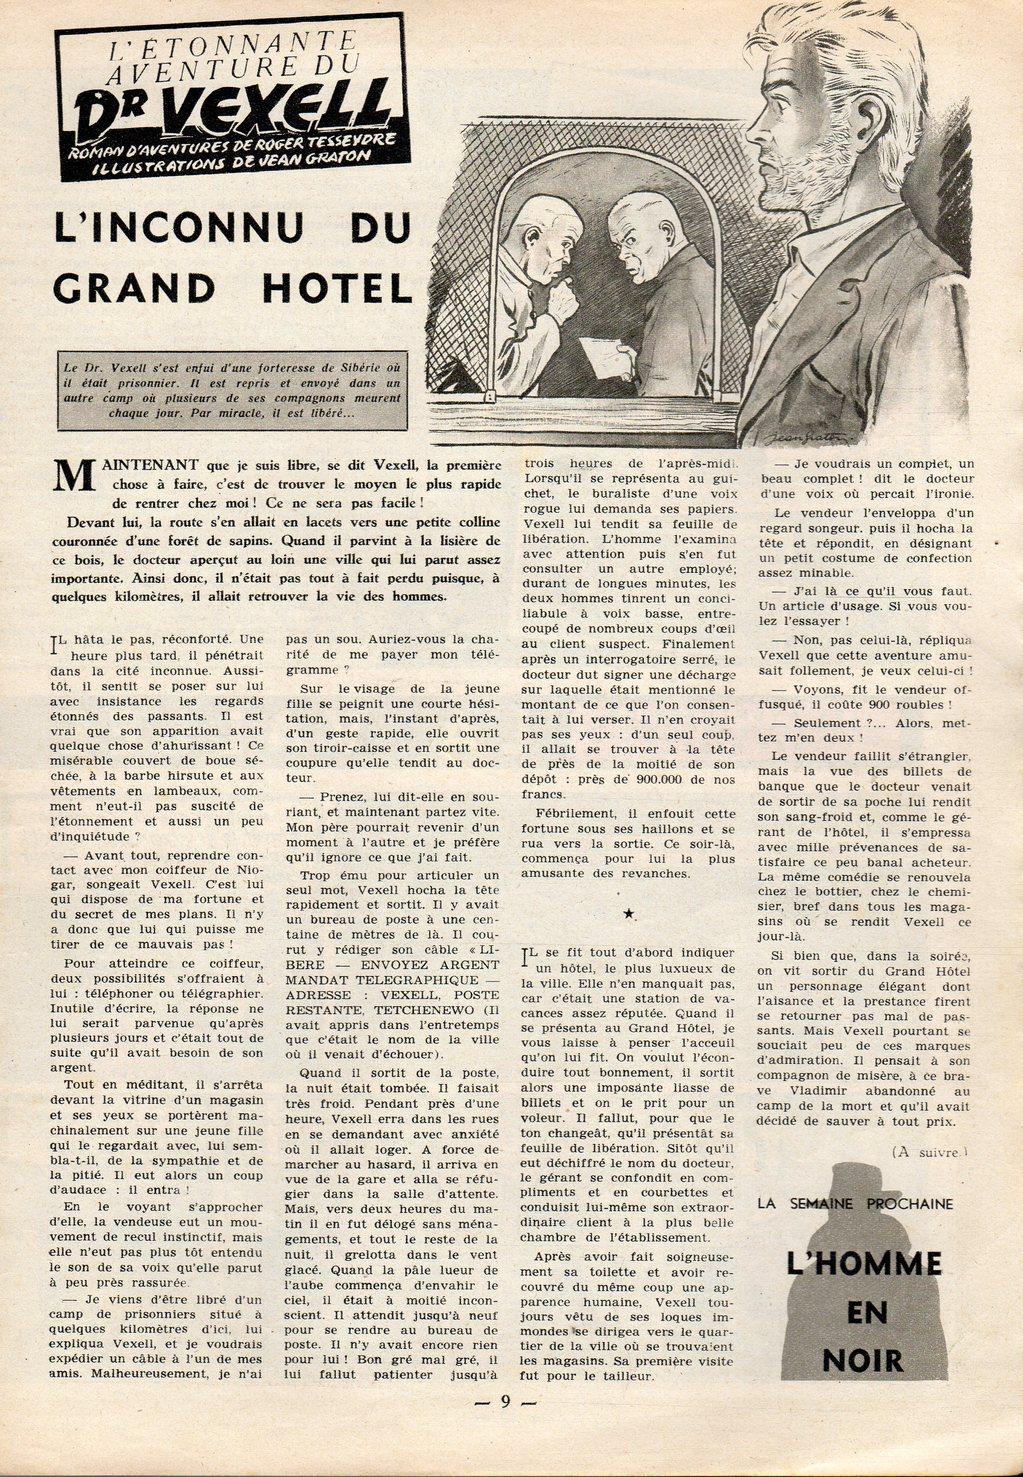 Jean Graton - Tintin 1954 - Dr Vexell (39)